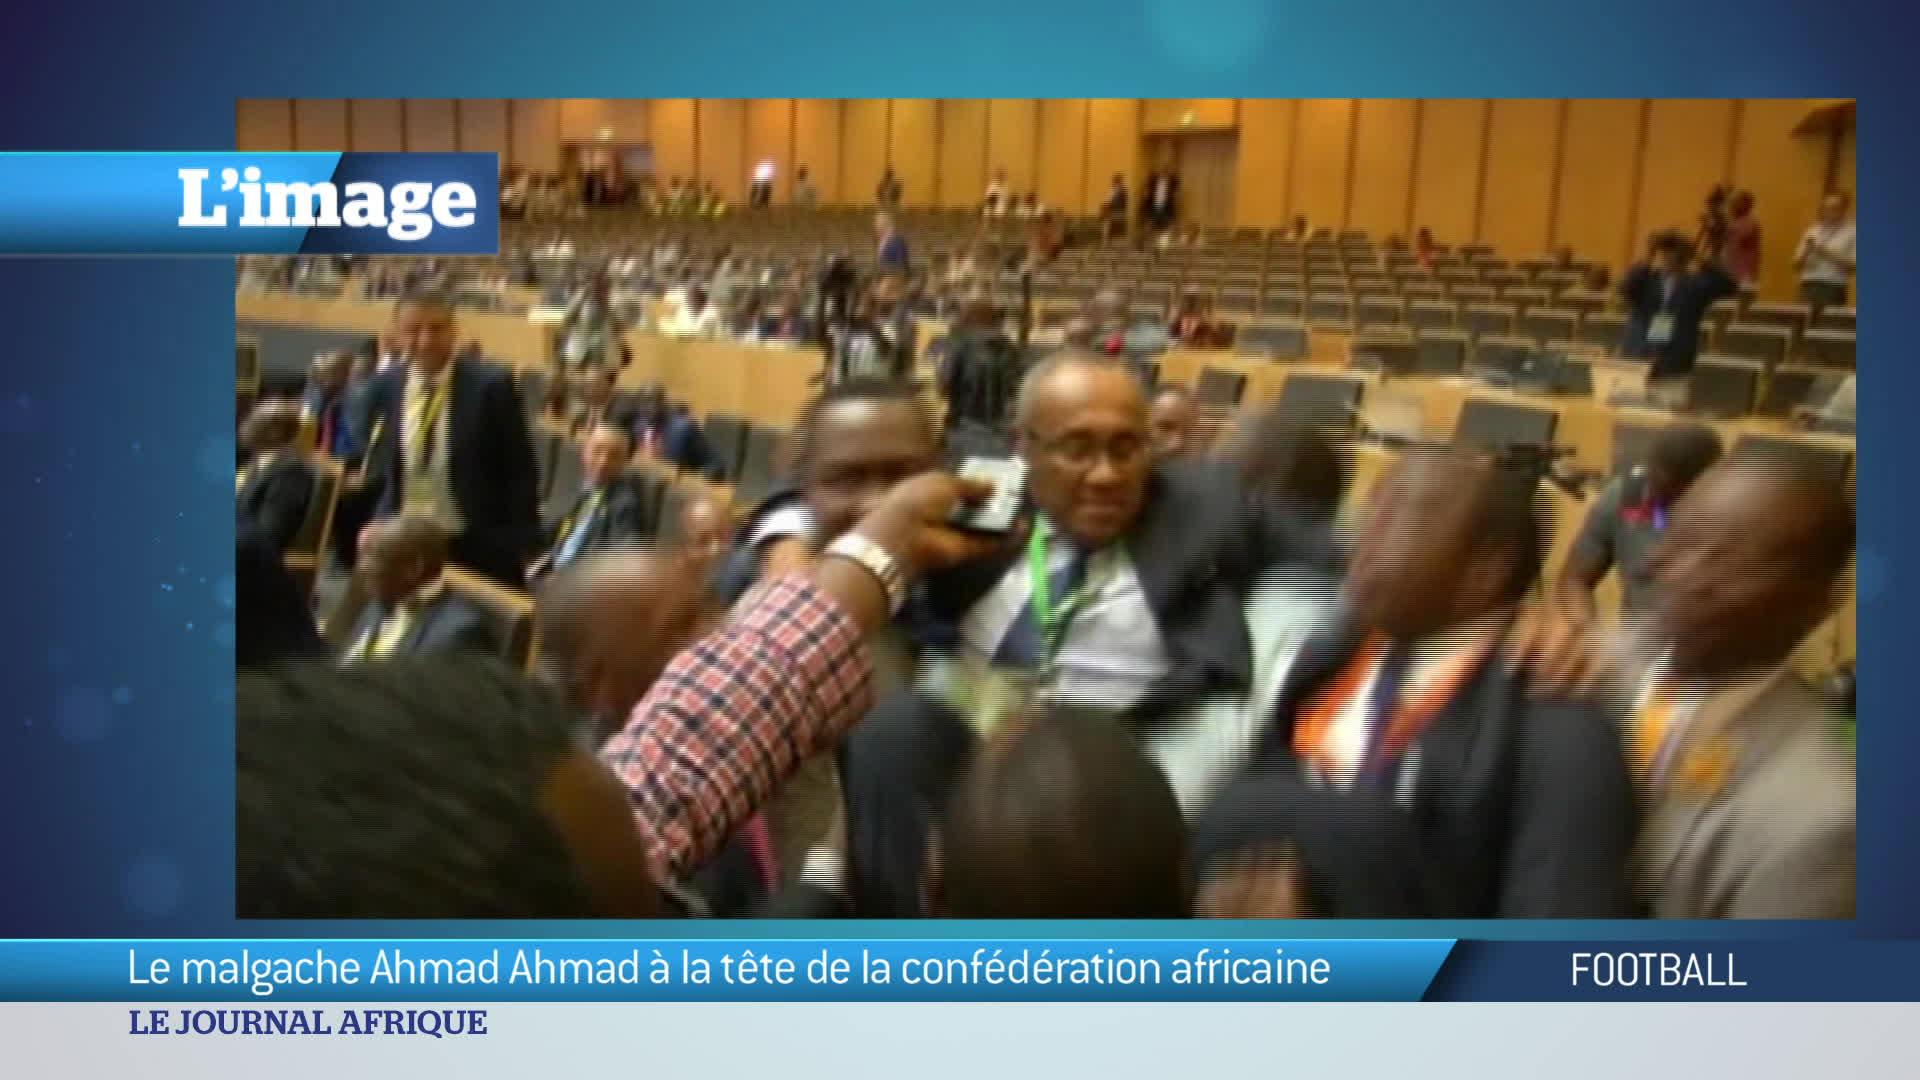 L'Image du jour : Amad Amad, le candidat malgache a été élu président de la CAF!